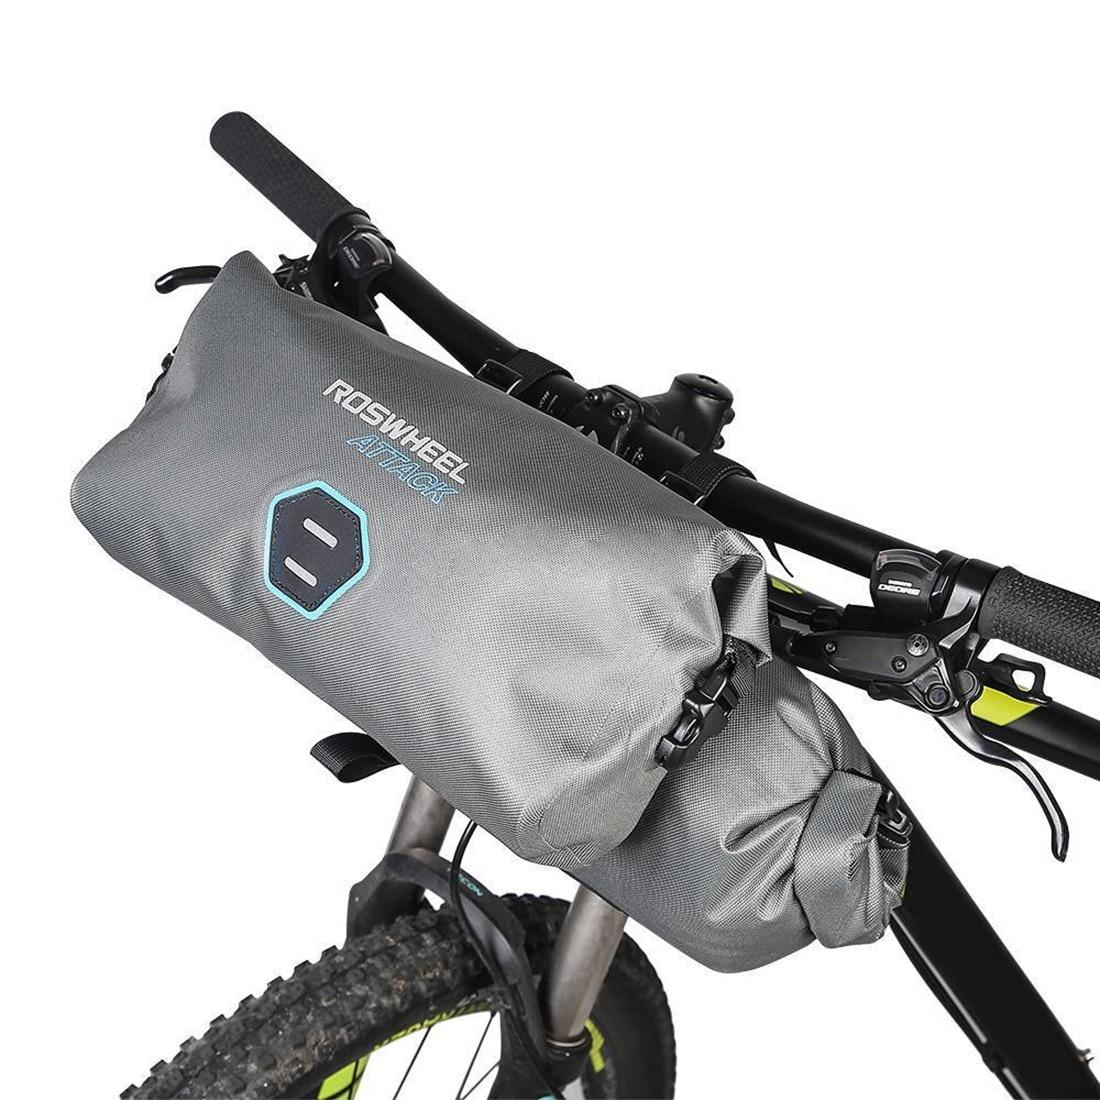 FLGT-ROSWHEEL 111458 12L TPU Waterproof Cycling Bag MTB Bike Top Front Handlebar BagFLGT-ROSWHEEL 111458 12L TPU Waterproof Cycling Bag MTB Bike Top Front Handlebar Bag